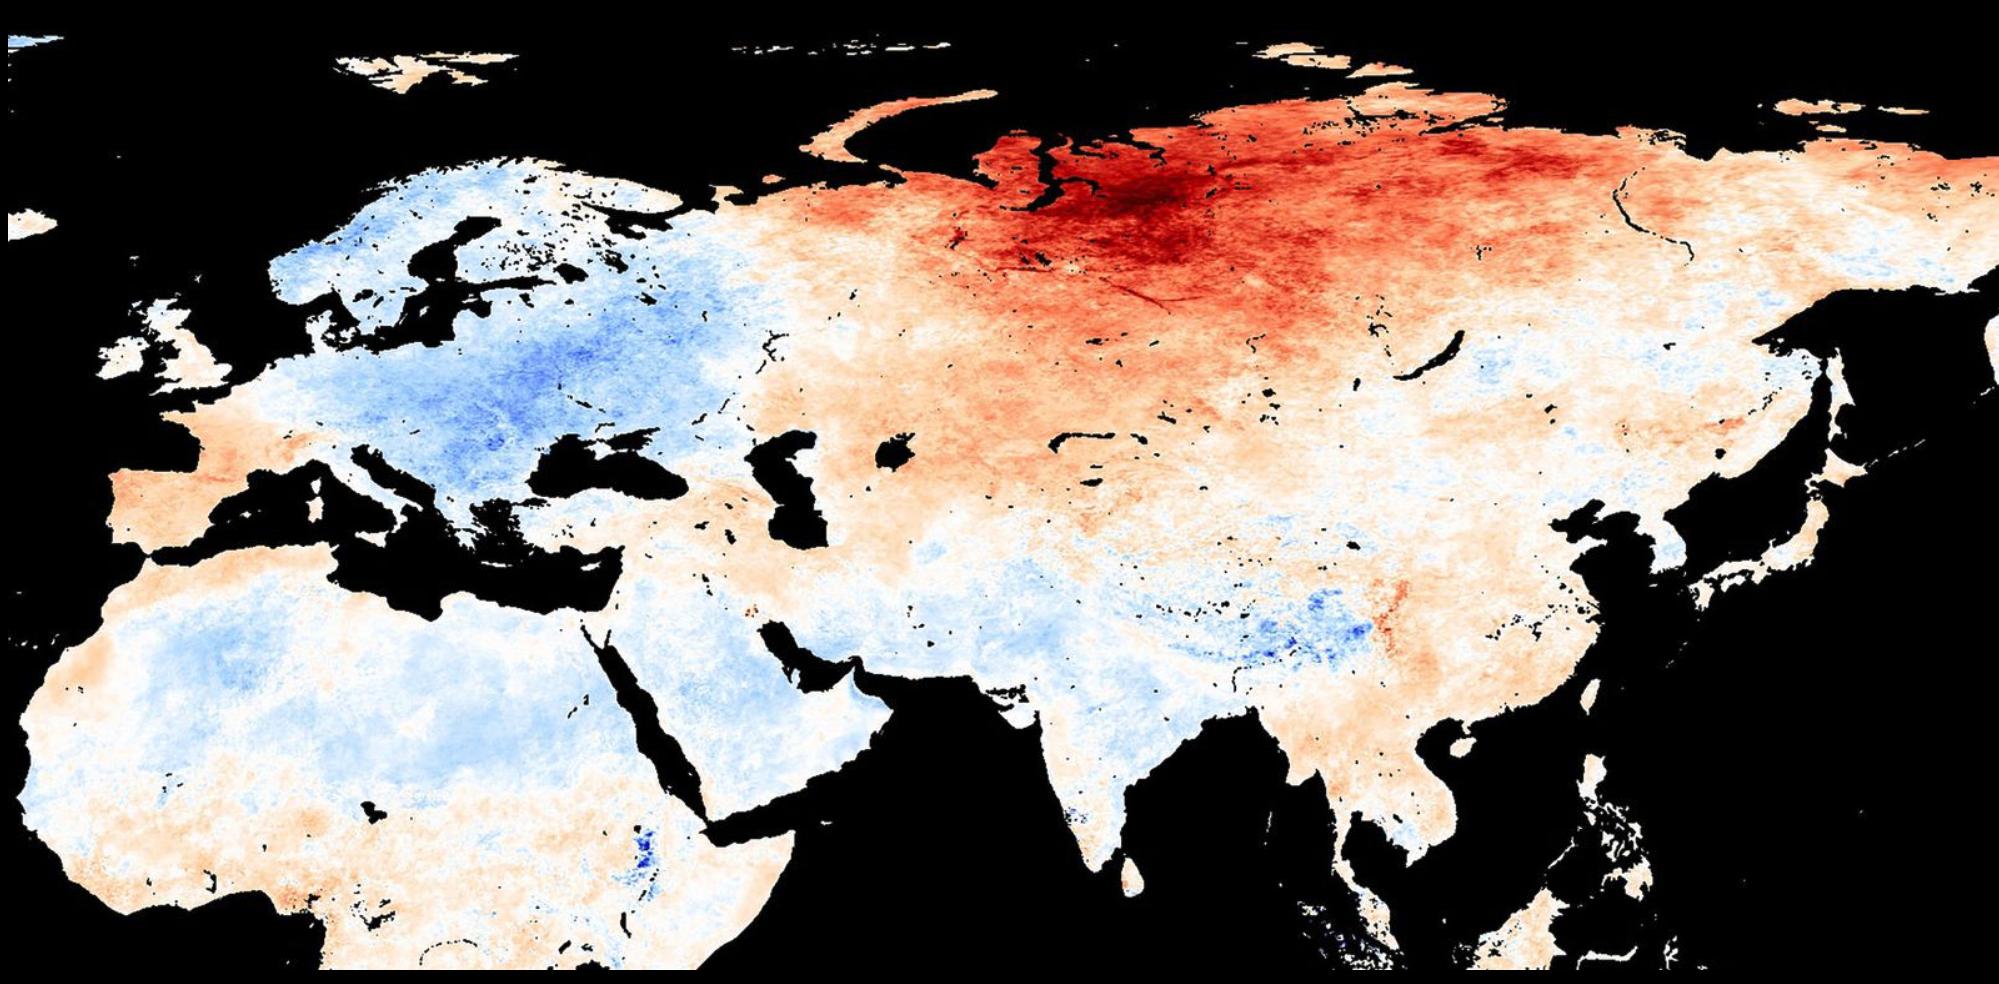 Sibirien leidet unter Rekordhitze – bis zu 34°C